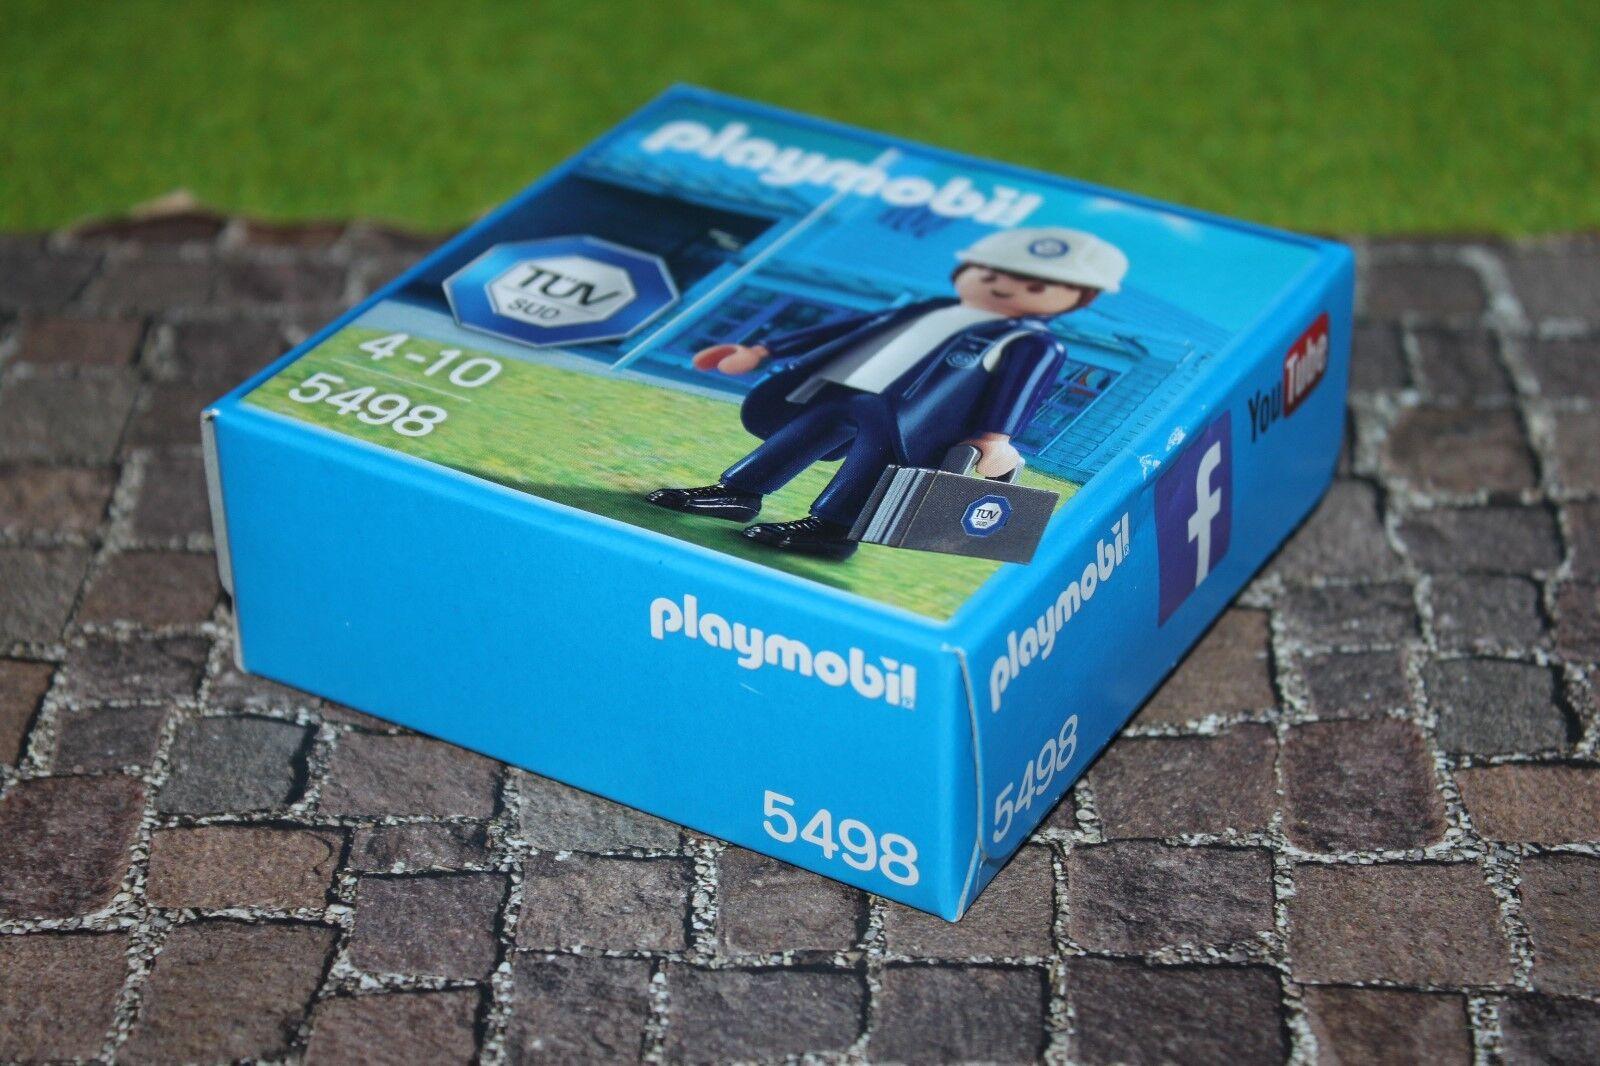 Playmobil Tüv Süd 5498 Mega Mega Mega Rare Misb Nip 1f47a1